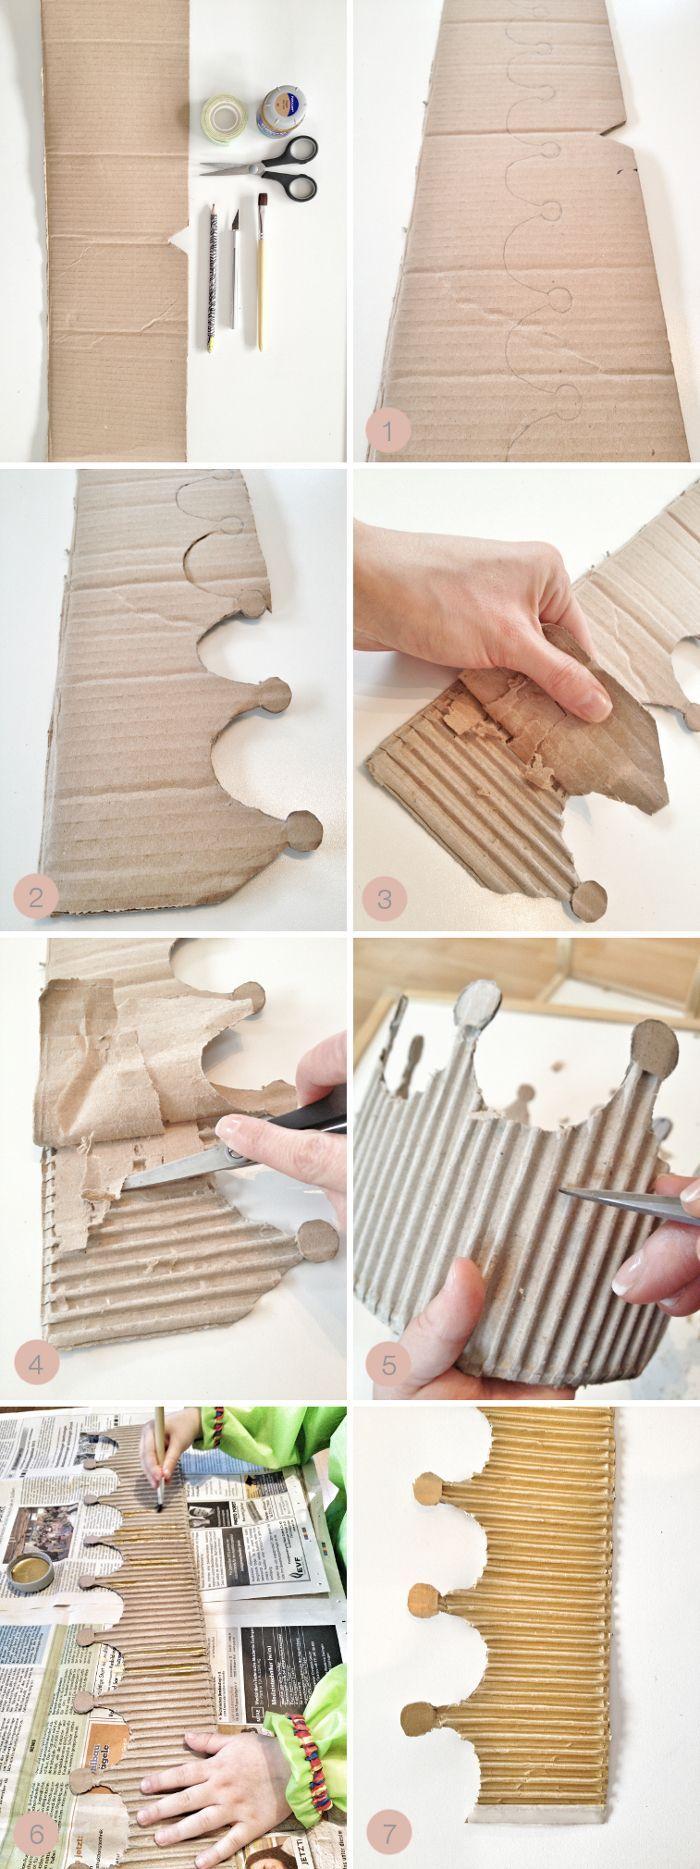 #DIY: #Cardboard #Crown